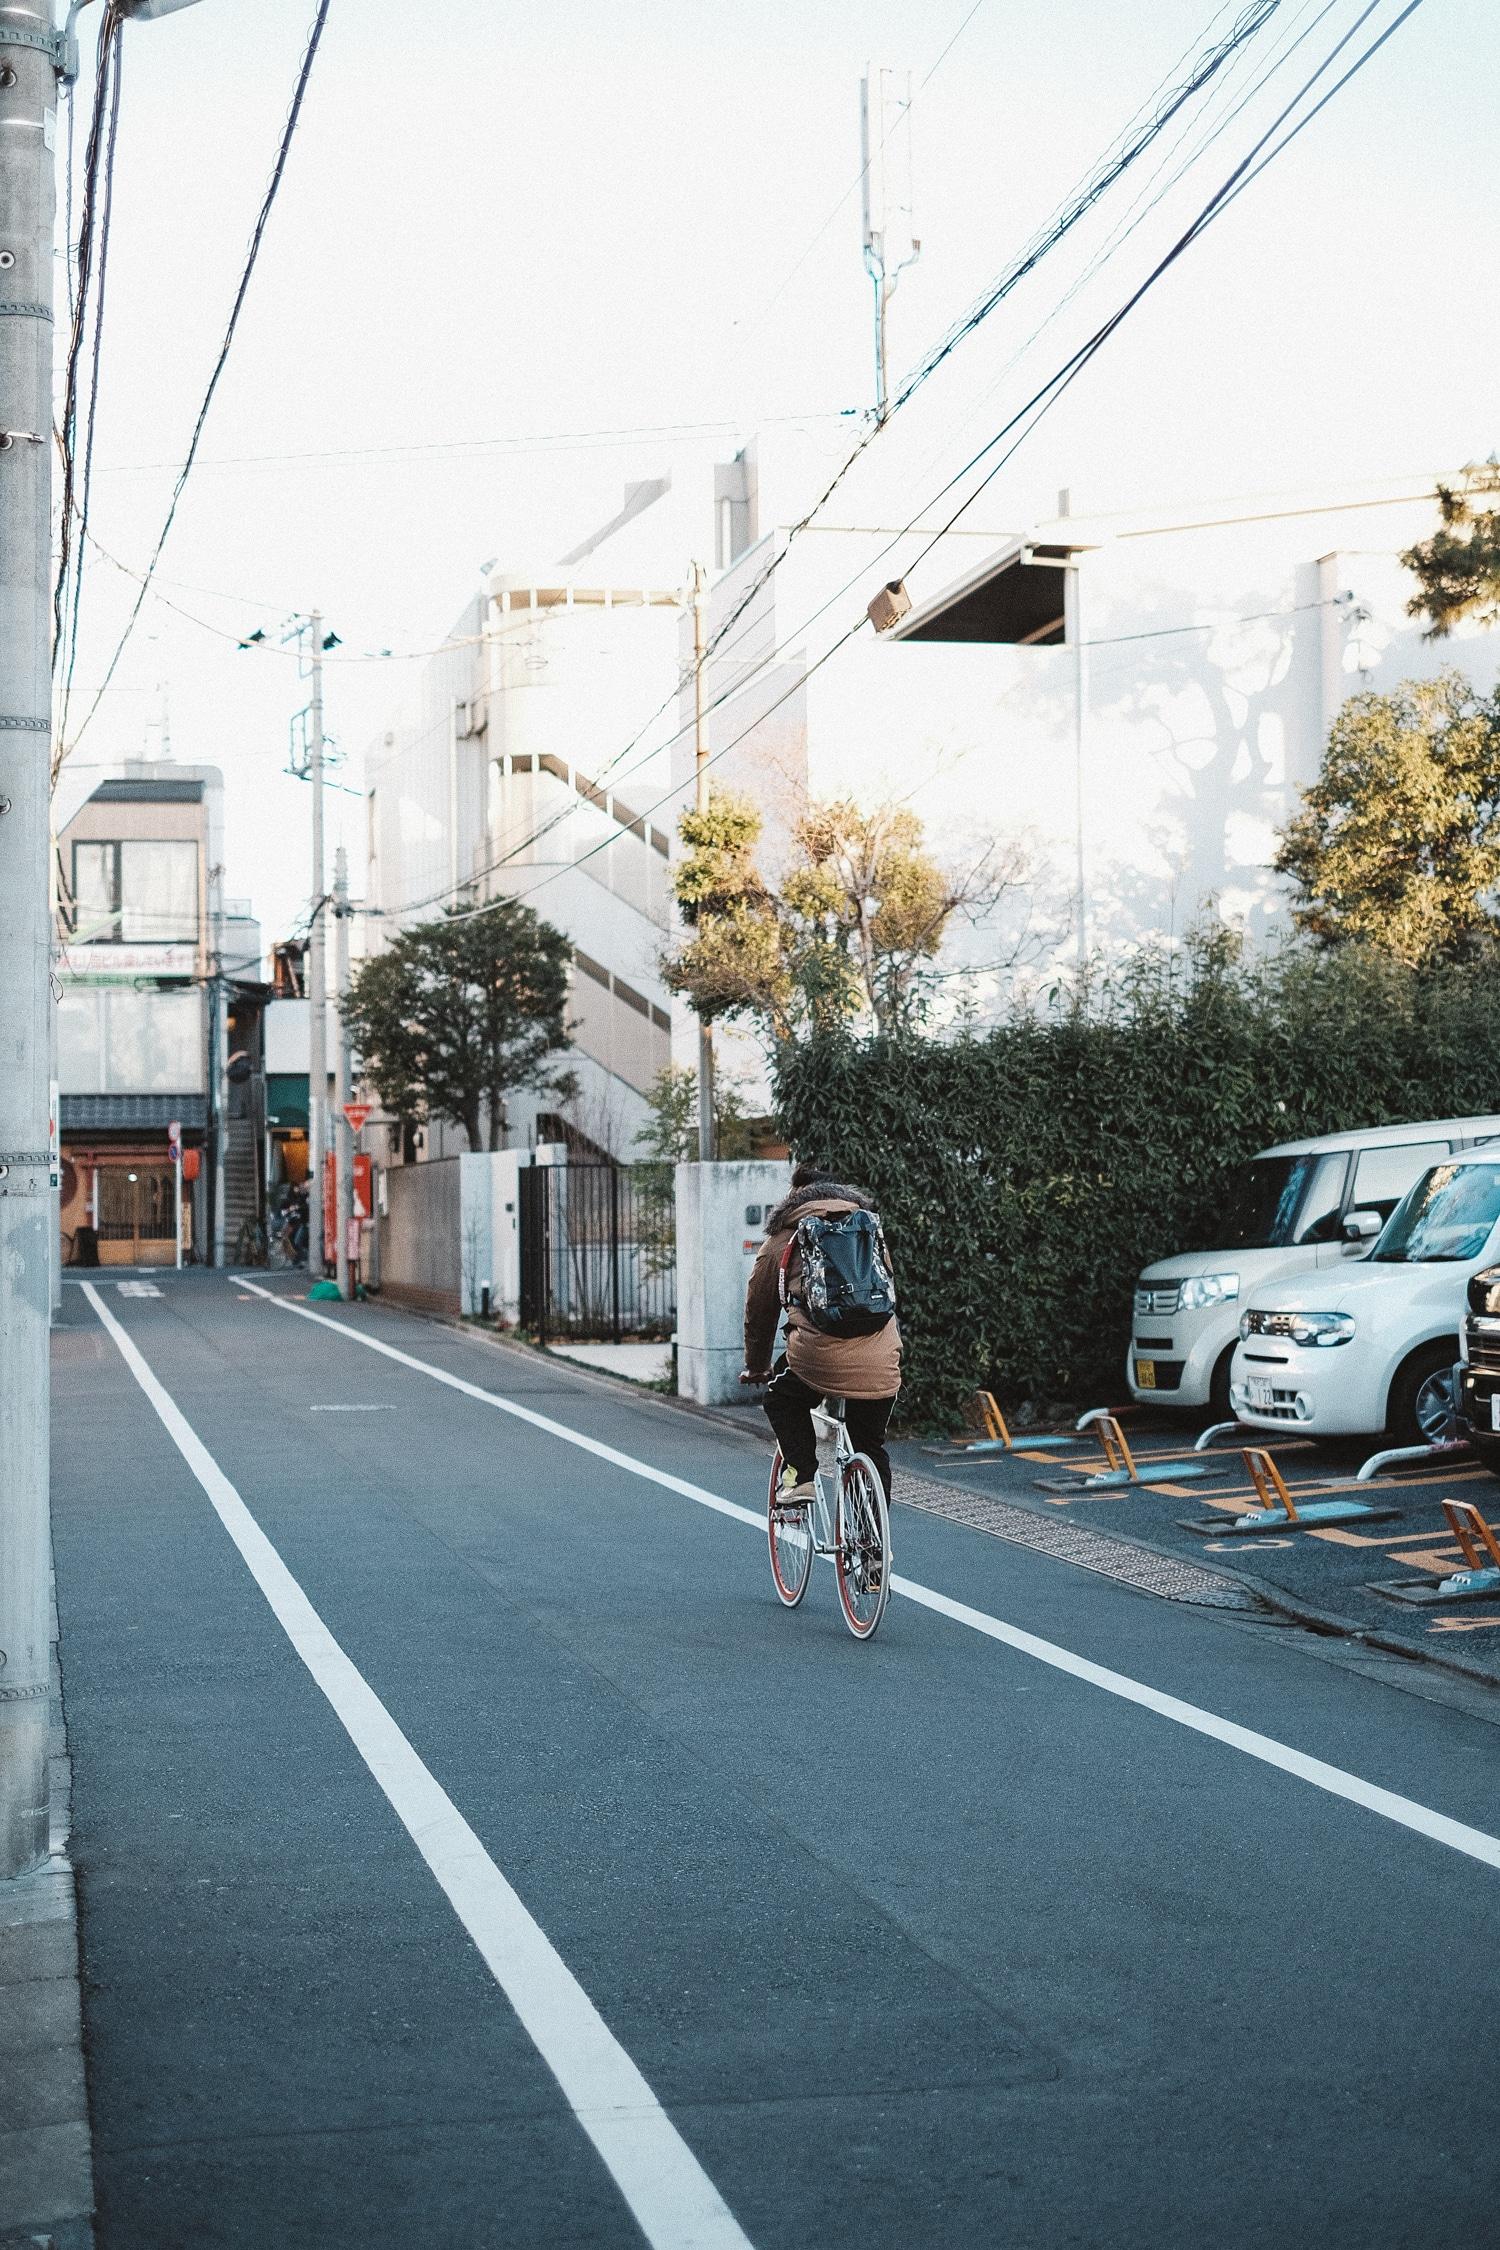 Kinlake-Lifestyle-Japan-2018-4686